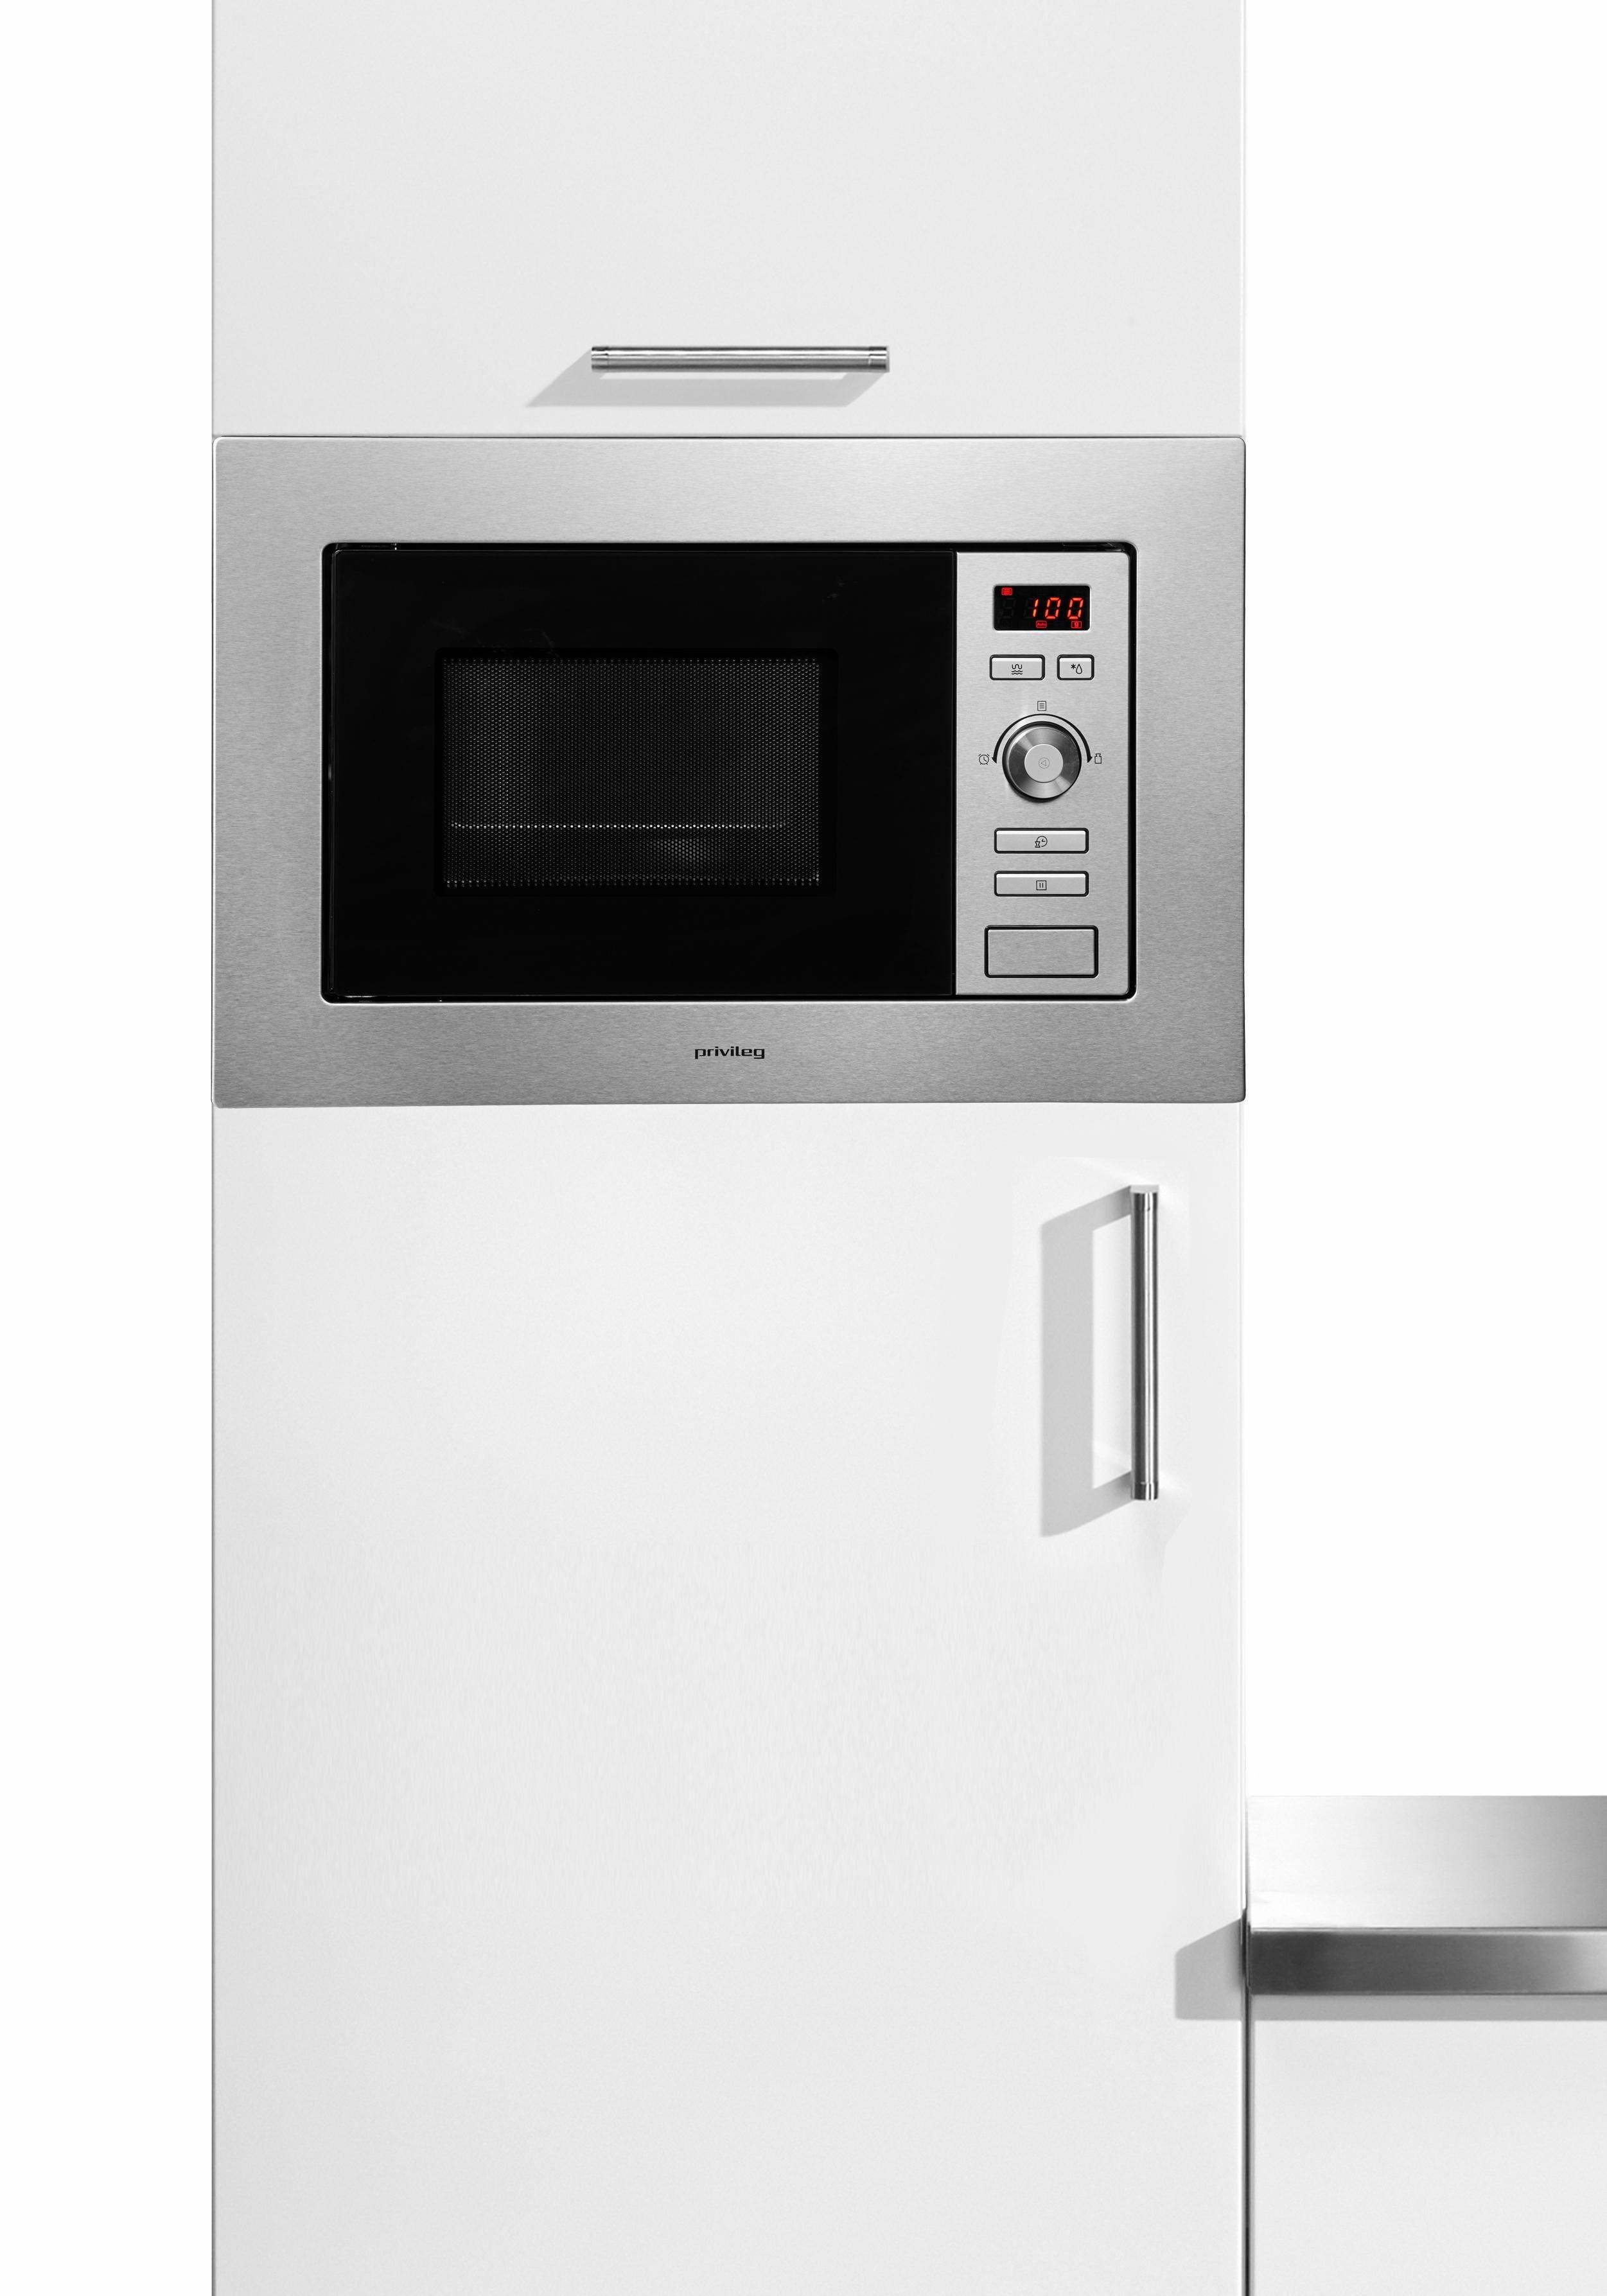 *Privileg Einbau-Mikrowelle, mit Grill, 20 Liter Garraum, 800 Watt Mikrowelle*